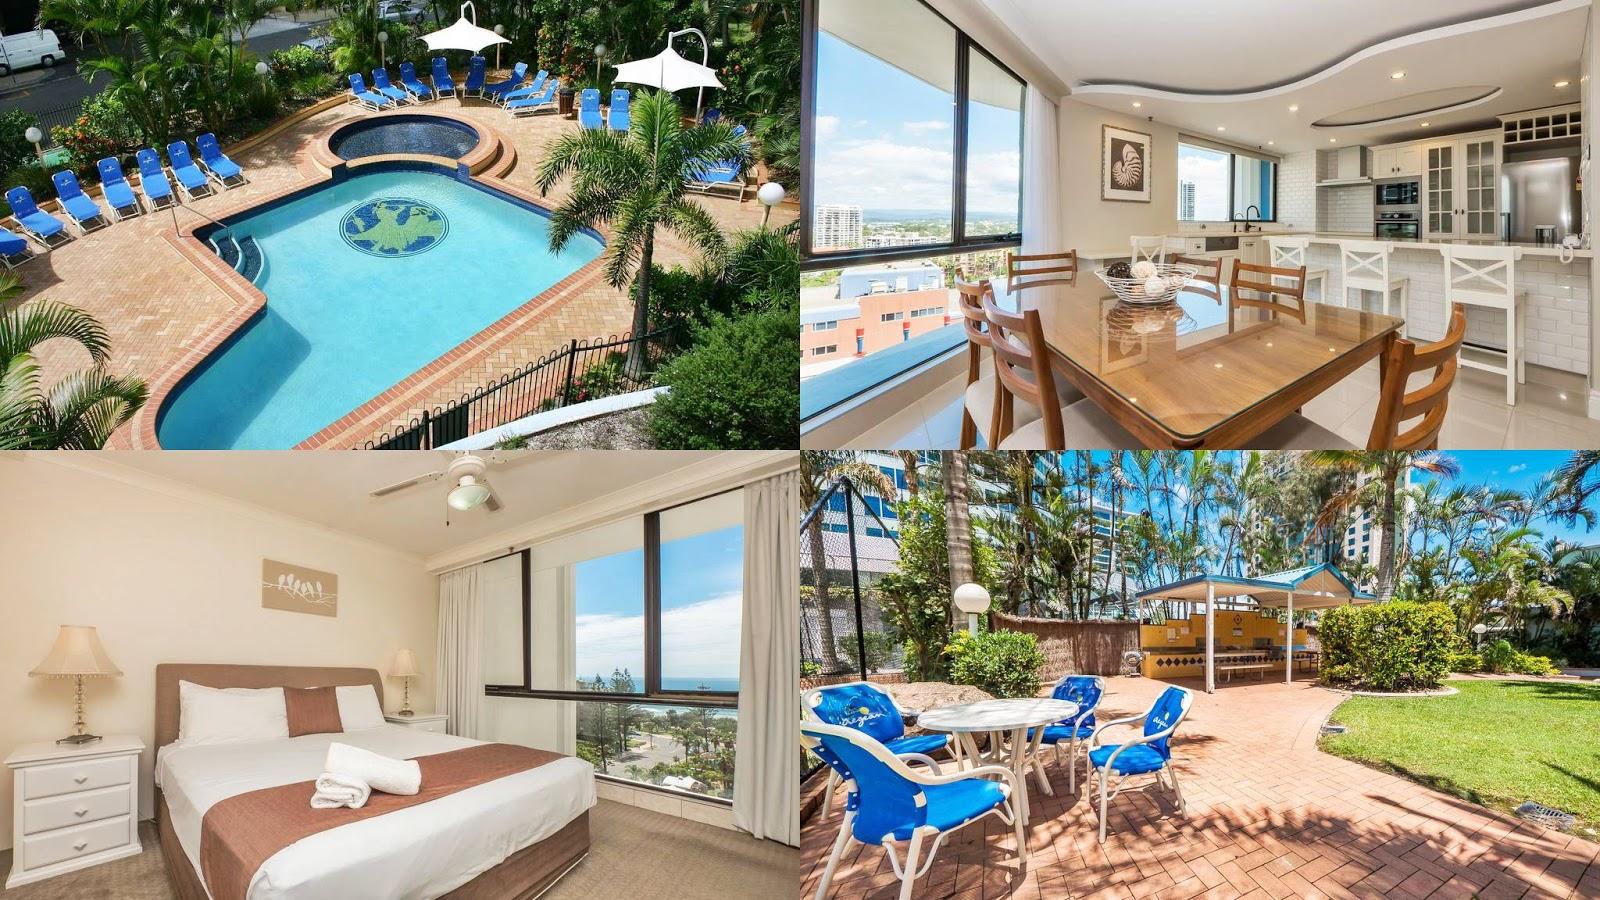 黃金海岸-住宿-推薦-飯店-酒店-旅館-民宿-公寓-愛琴海度假公寓式酒店-Aegean-Resort-旅遊-澳洲-Gold-Coast-Hotel-Apartment-Australia